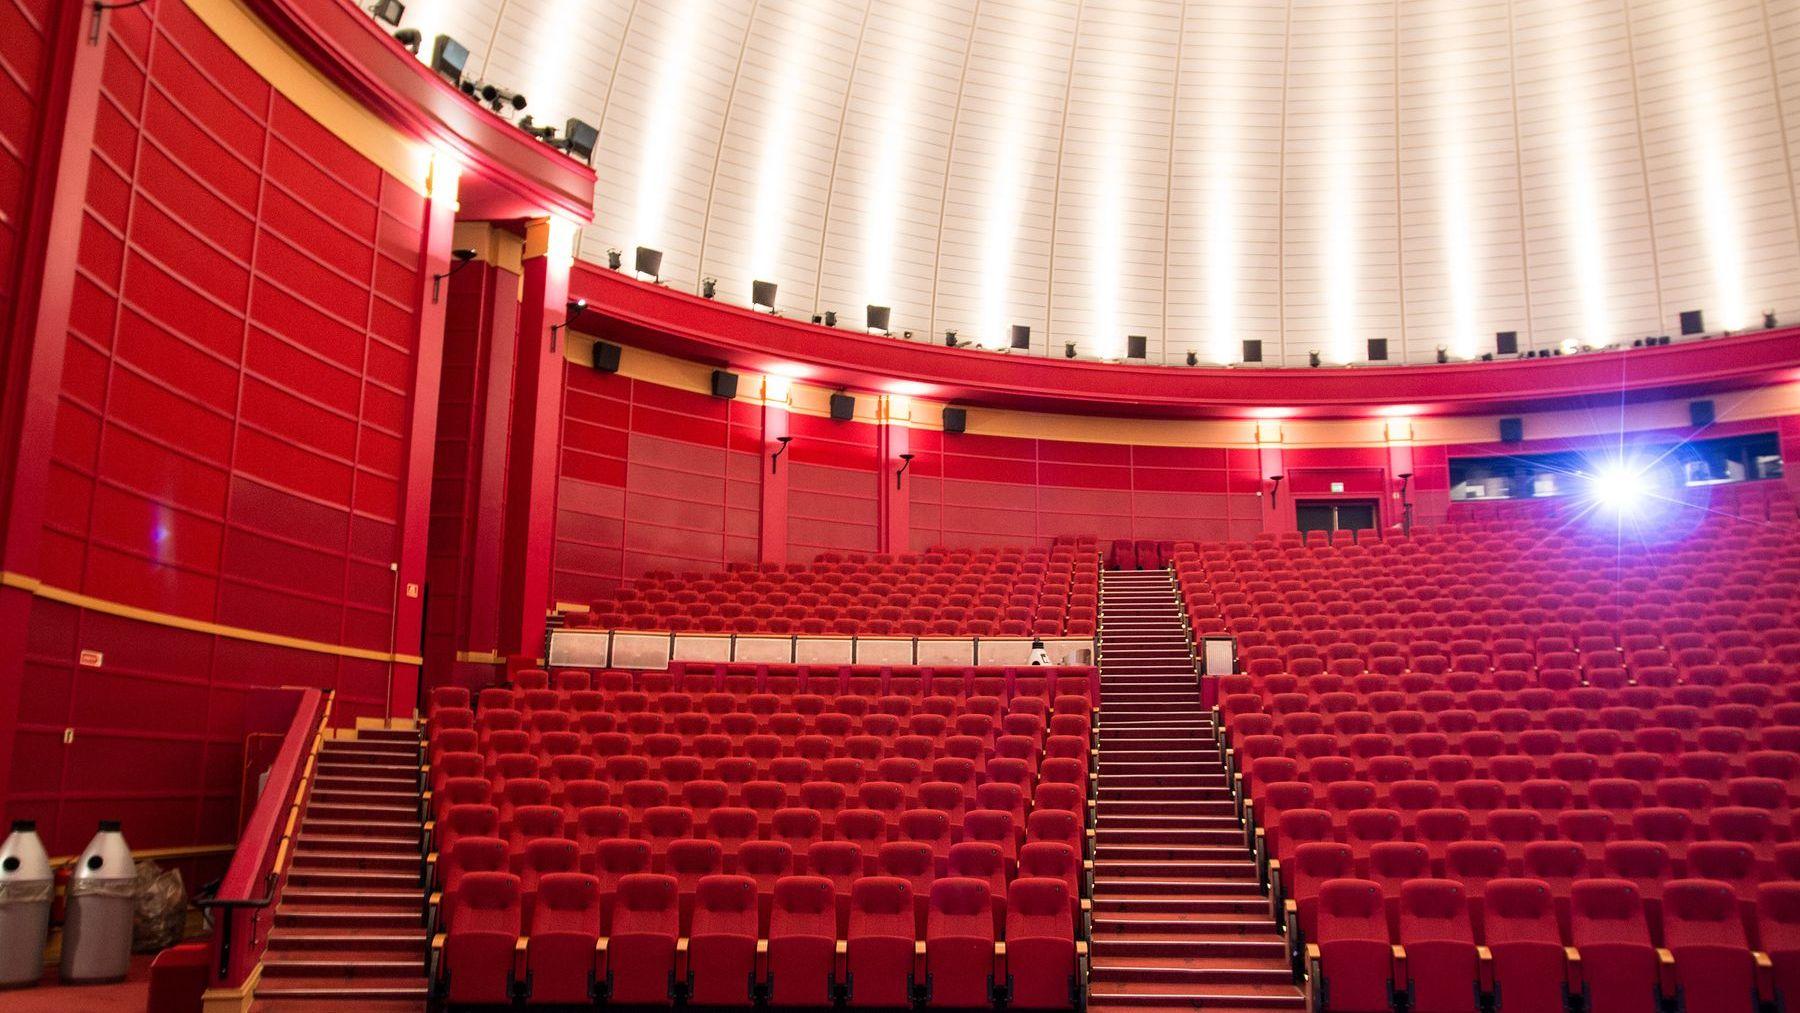 Danmark stenger alle sine kinosaler